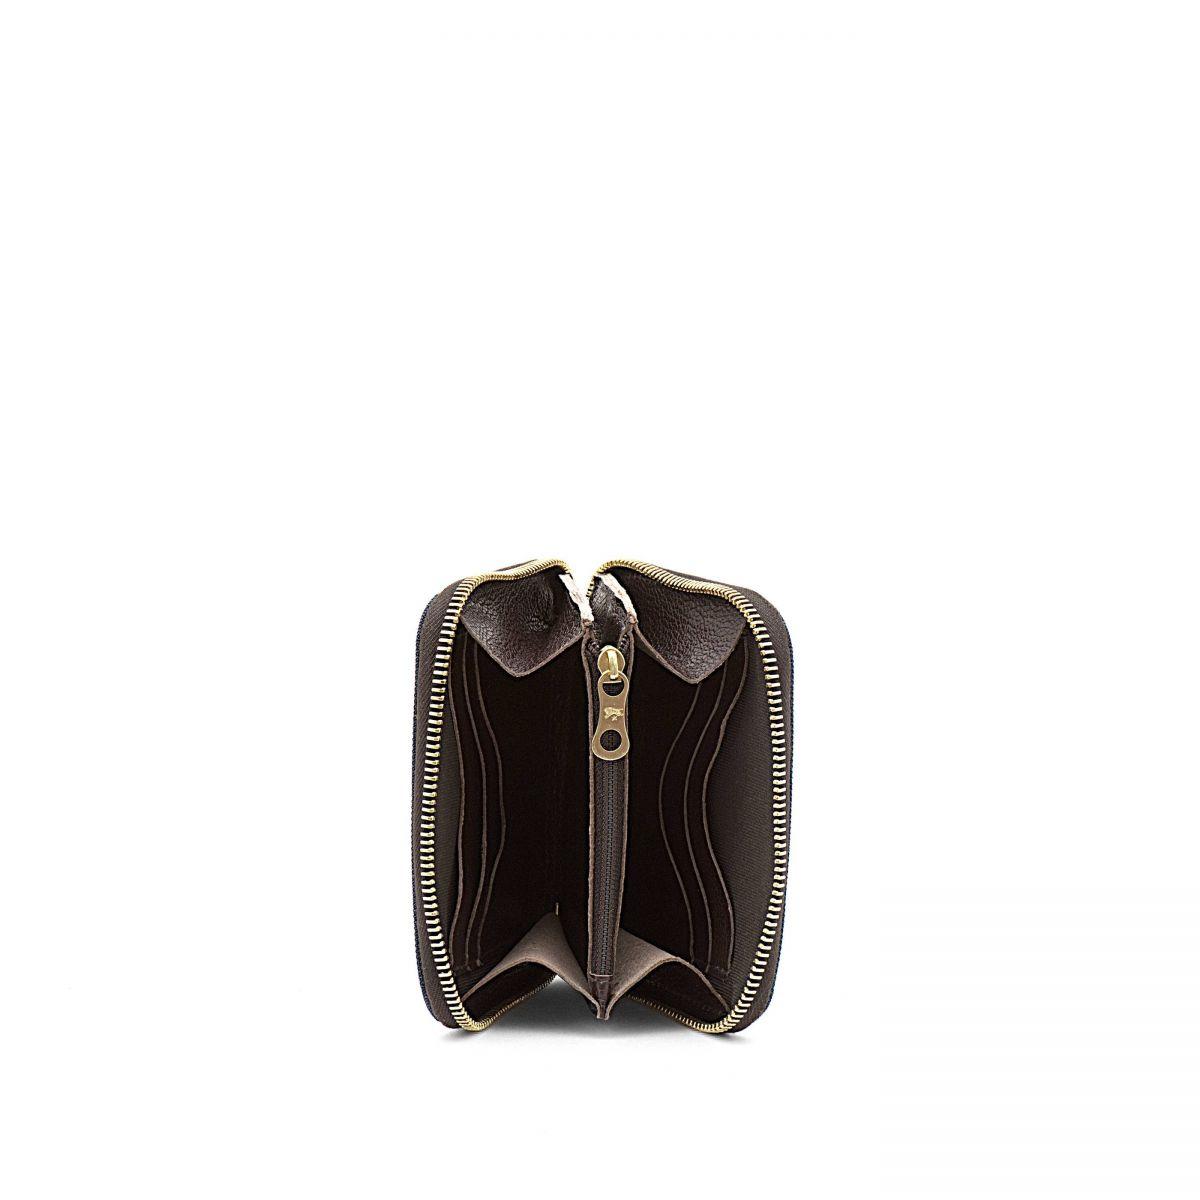 Men's Zip Around Wallet  in Nylon SZW015 color Blue Navy/Dark Brown | Details